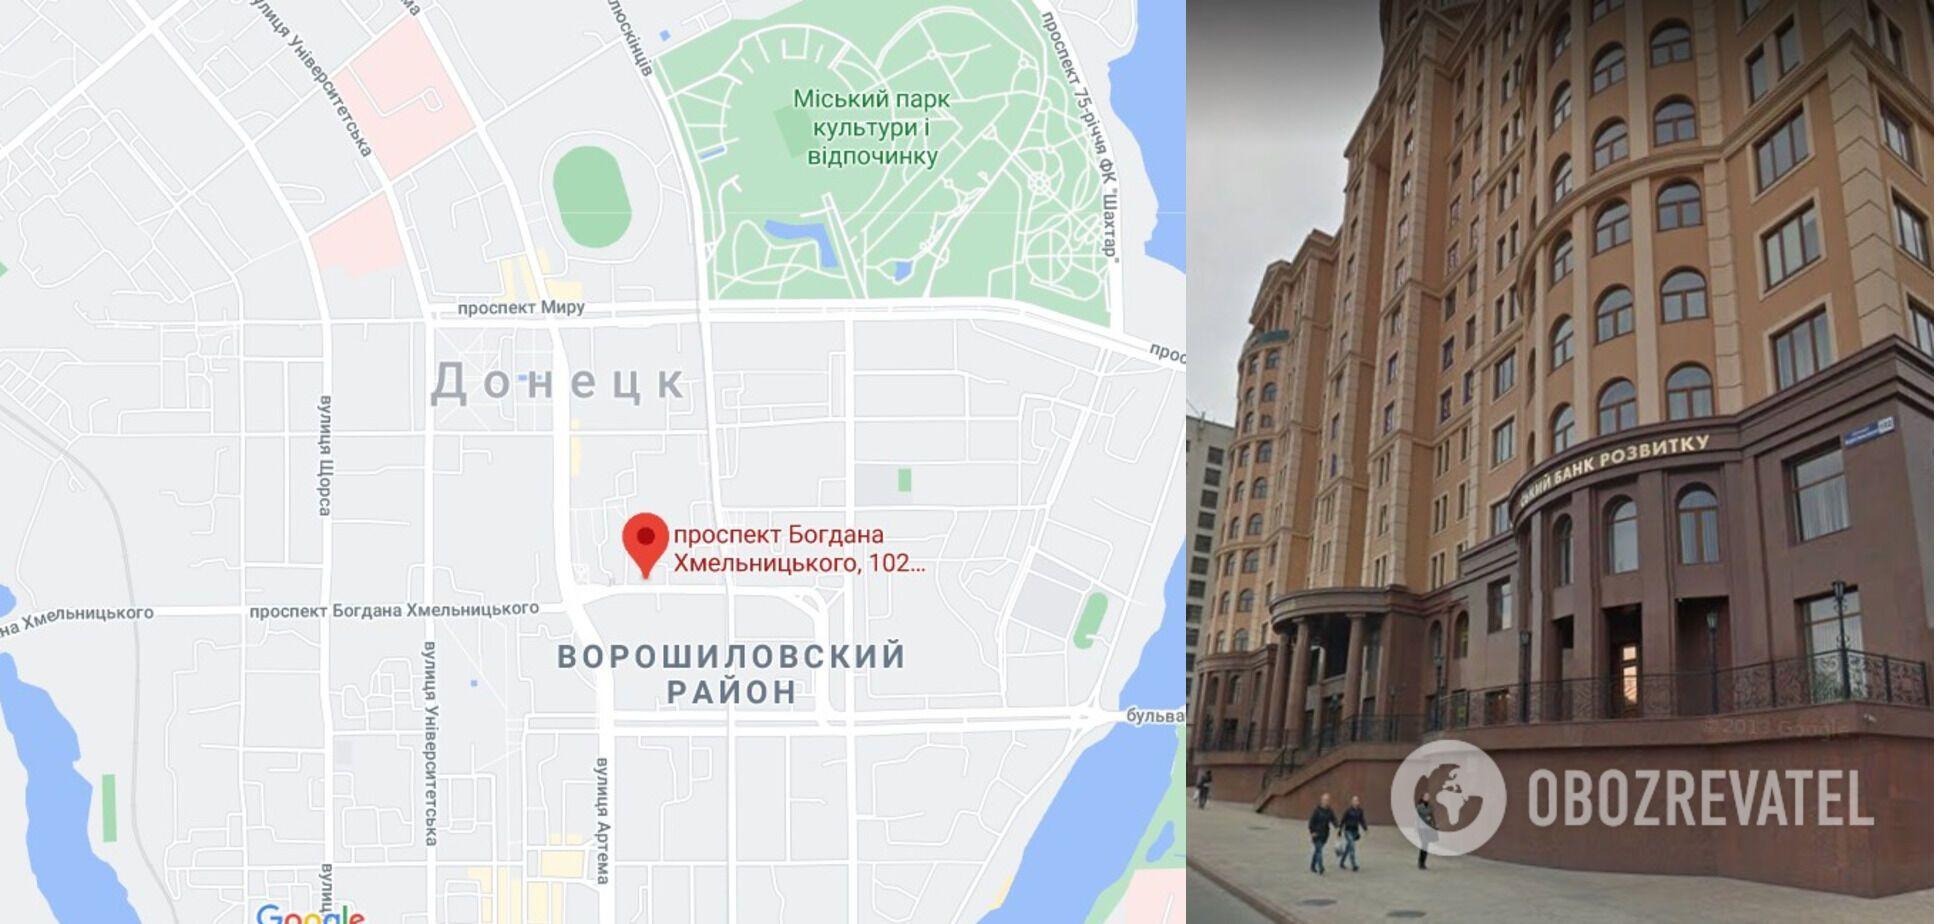 """""""ВБР"""" в Донецке"""